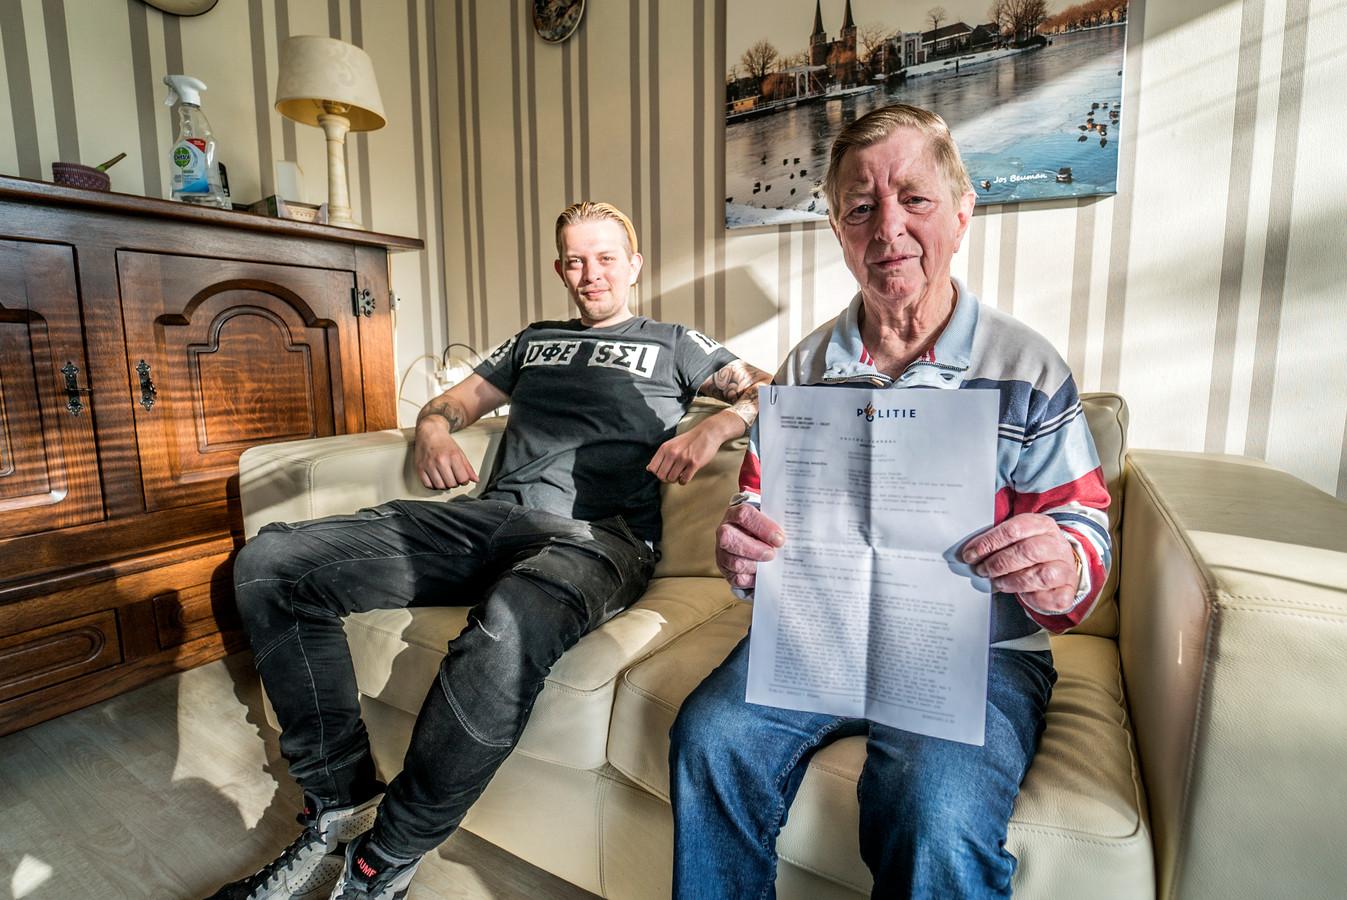 """Jurien naast 'Opa Joop', die voor duizenden euro's werd opgelicht in zijn eigen huis.. ,,Ik begrijp niet hoe je zoiets kan doen."""""""